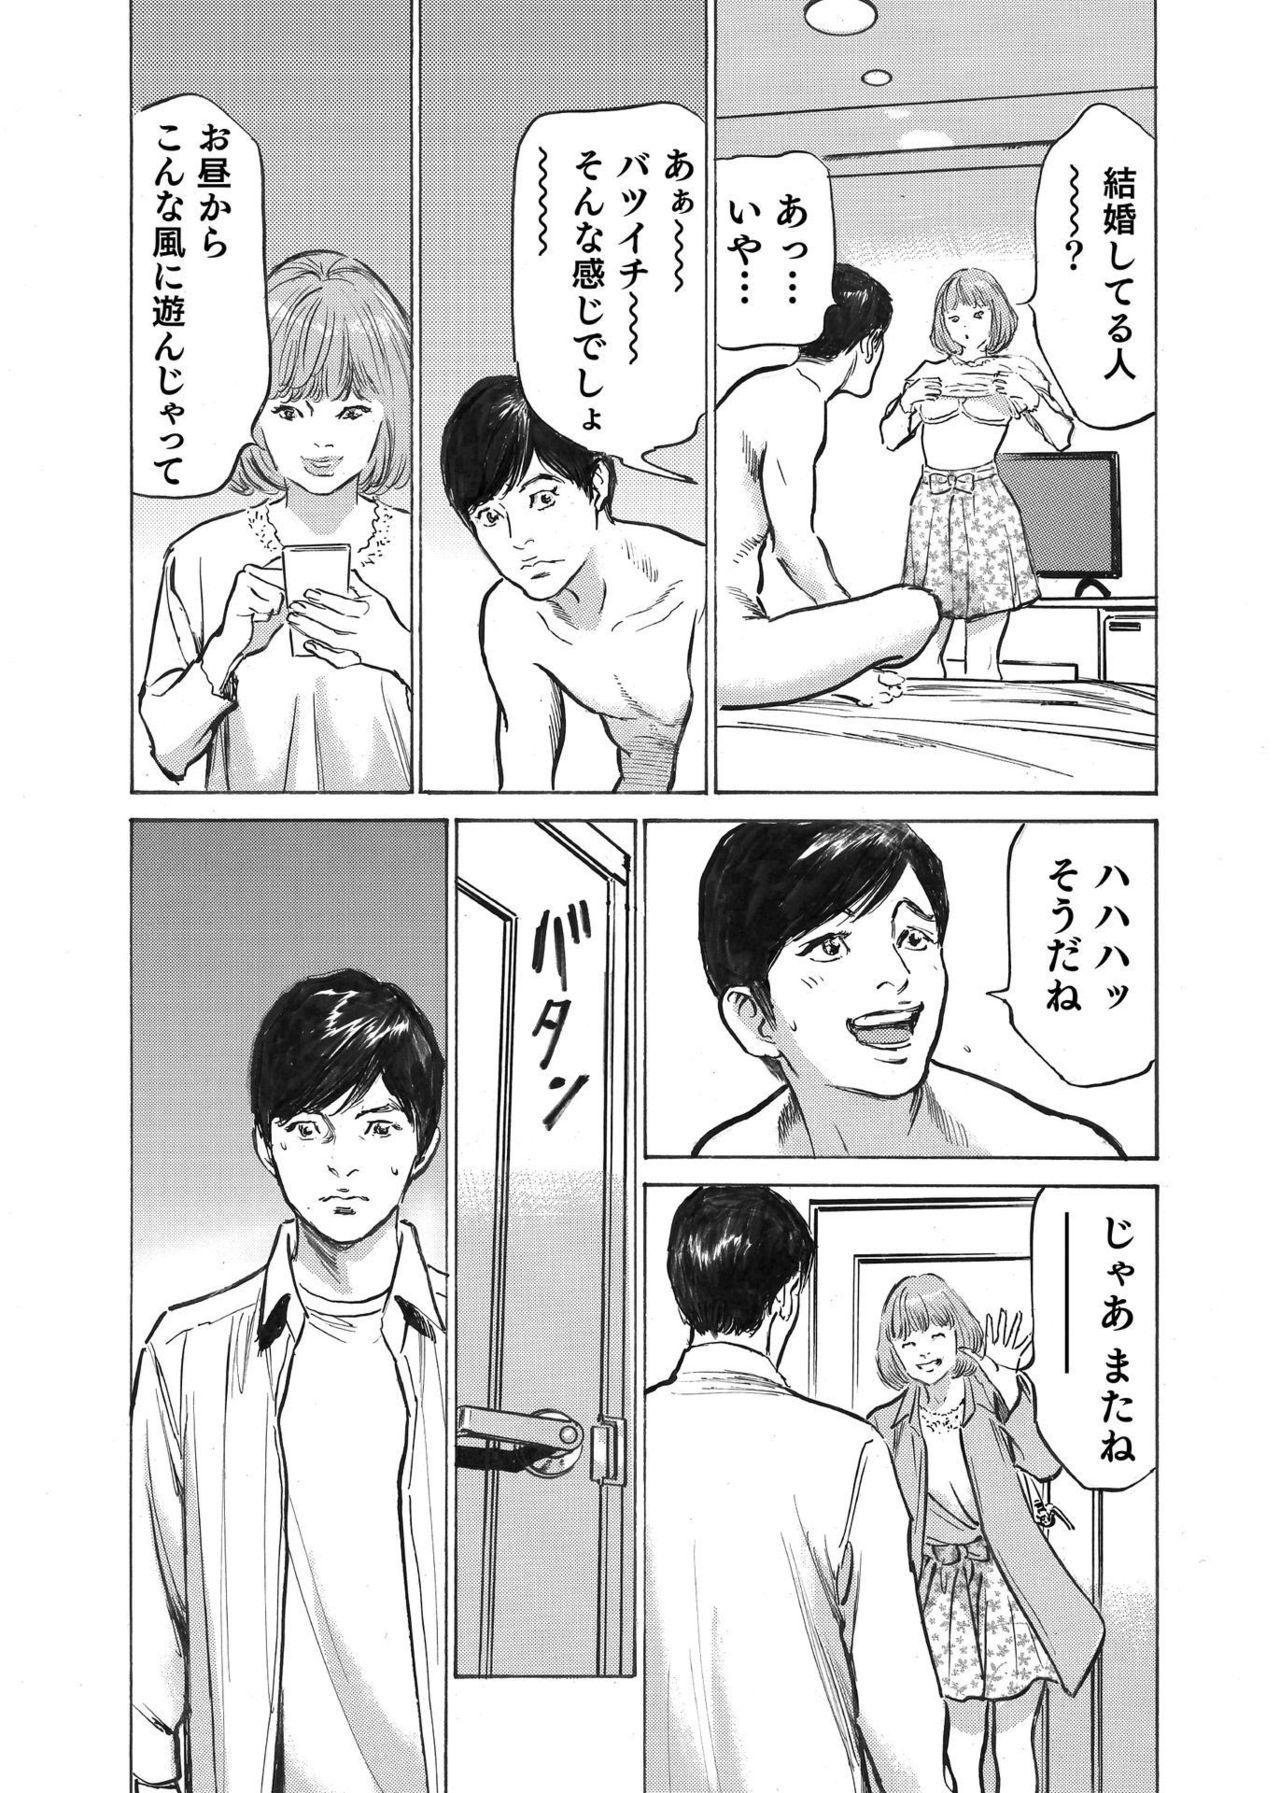 Ore wa Tsuma no Koto o Yoku Shiranai 1-9 116